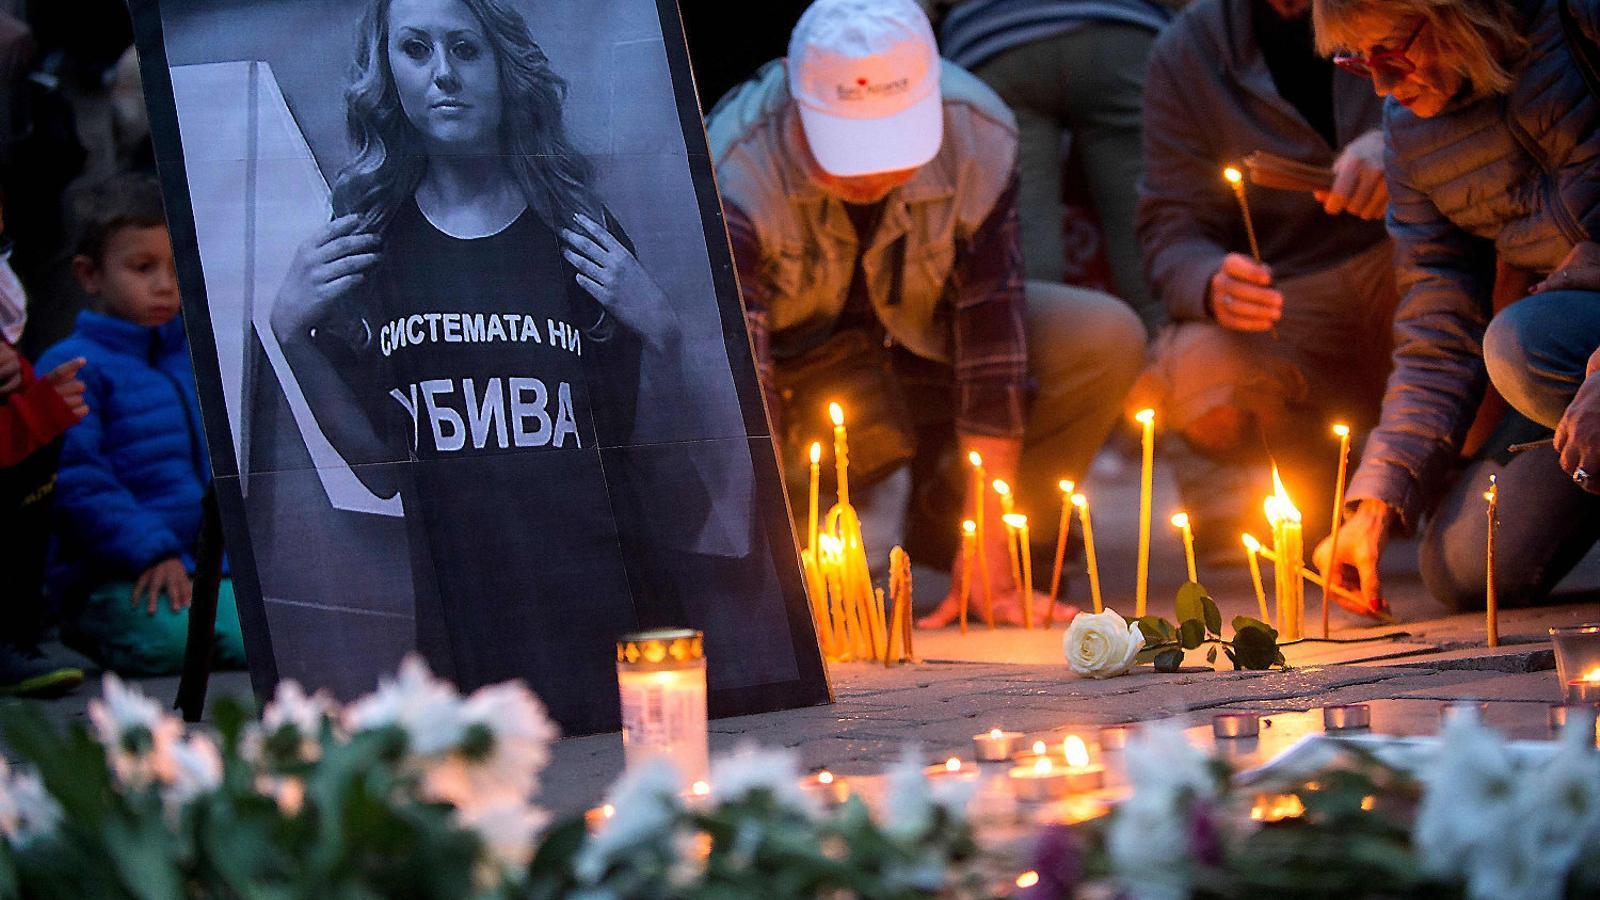 Alarma a la UE per l'assassinat de Viktoria Marinova